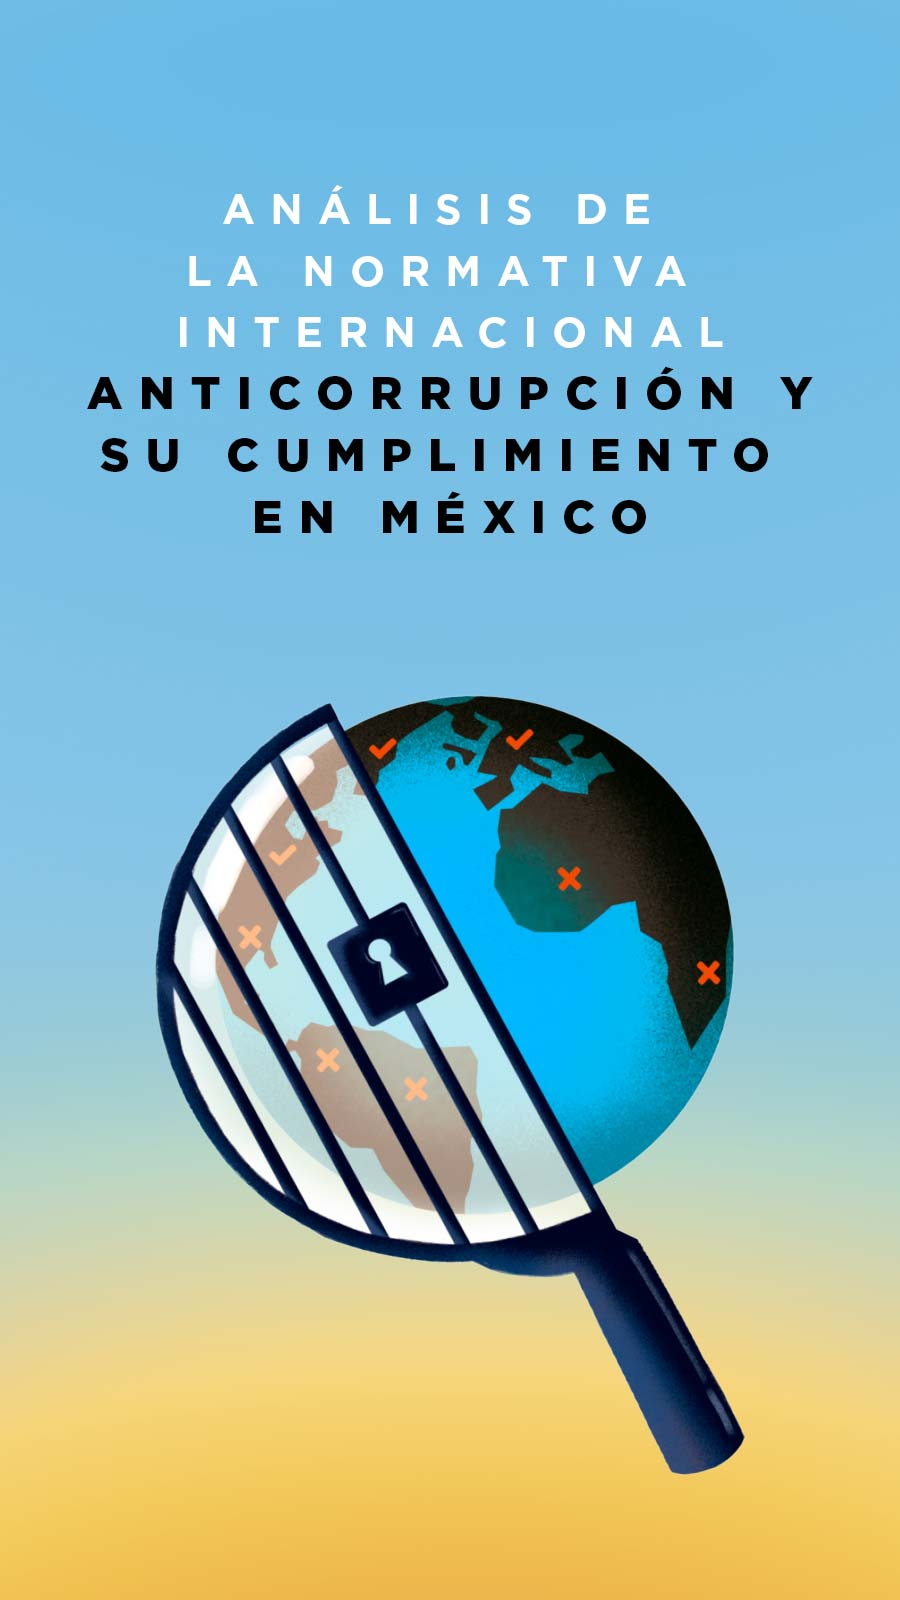 Análisis de la normativa internacional anticorrupción y su cumplimiento en México